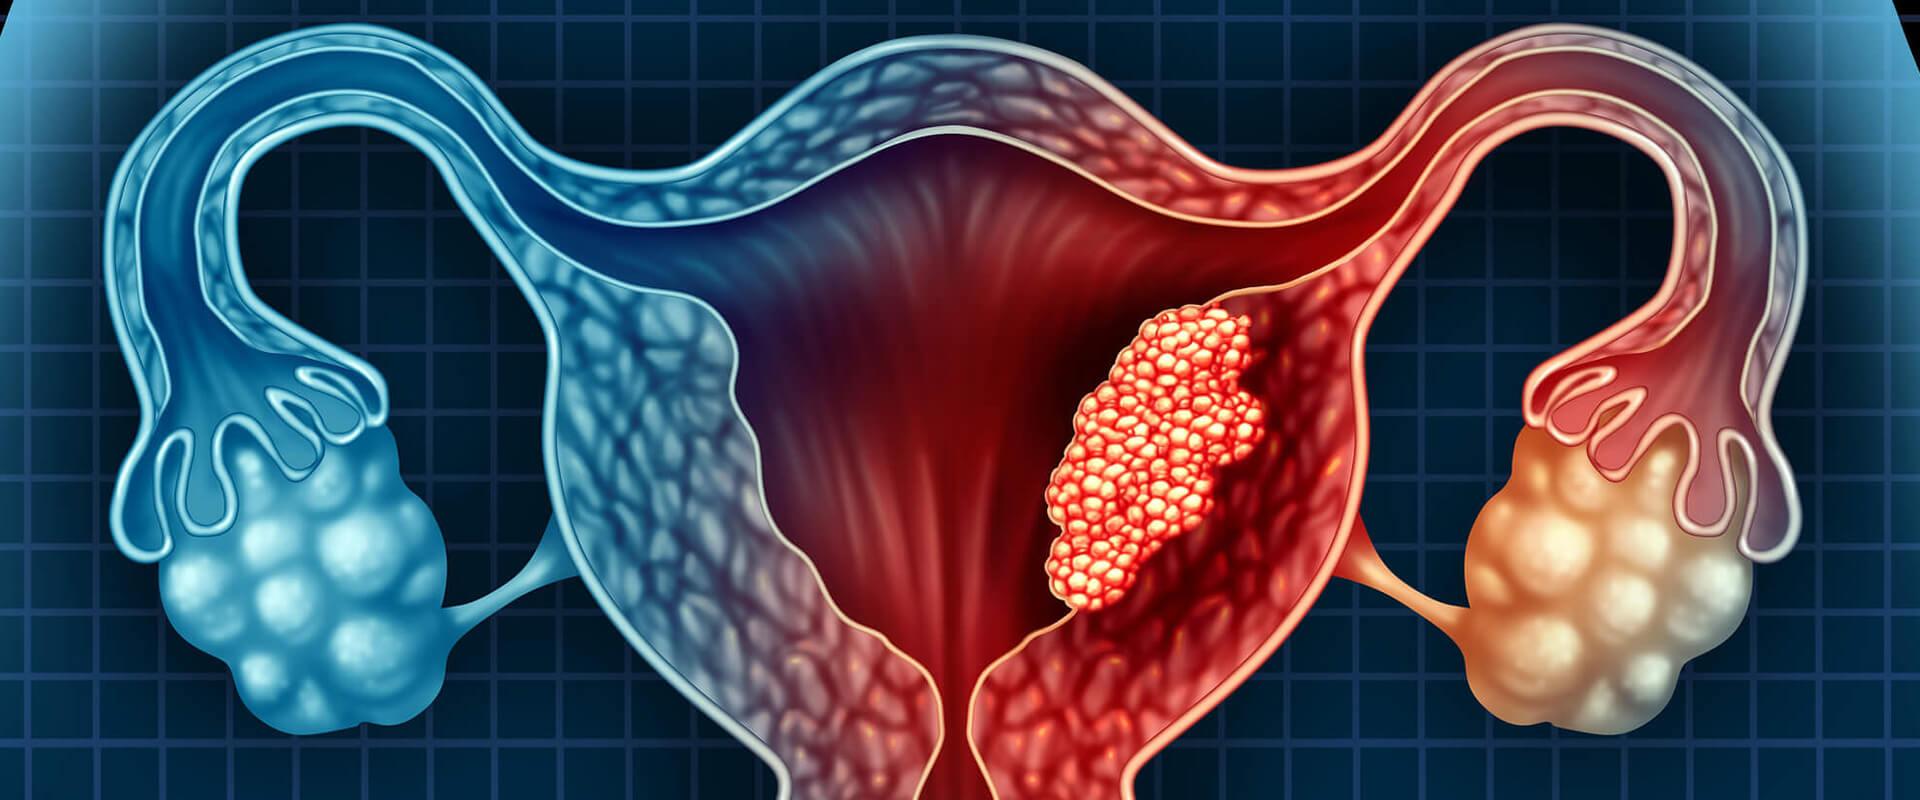 Câncer de endométrio - Dr. Valter Alvarenga